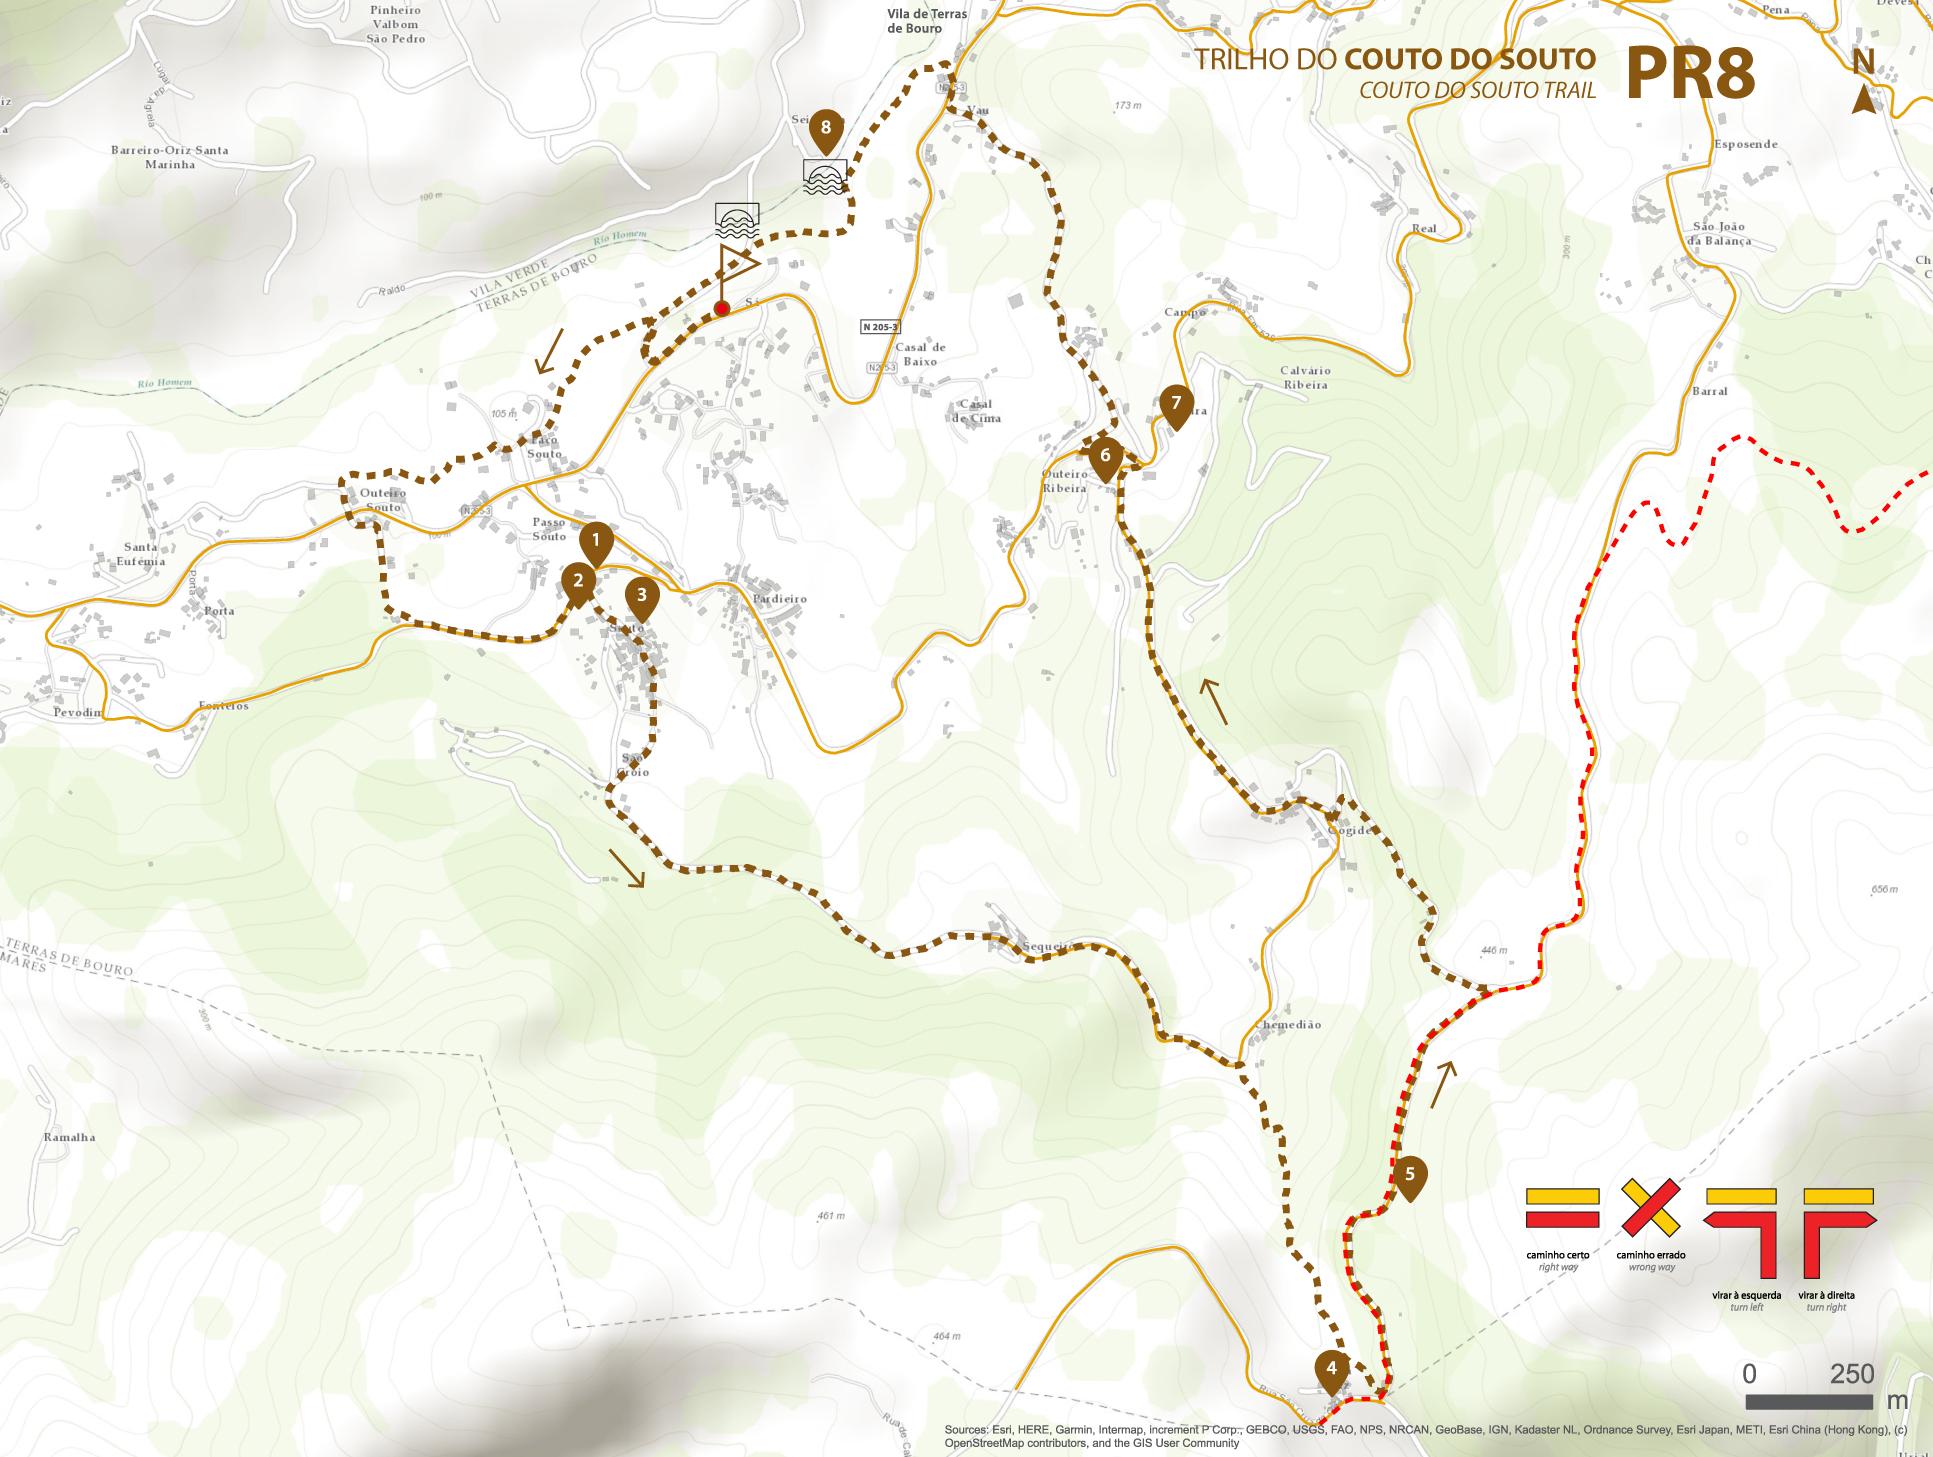 Mapa de Percurso - PR8 Trilho Couto do Souto